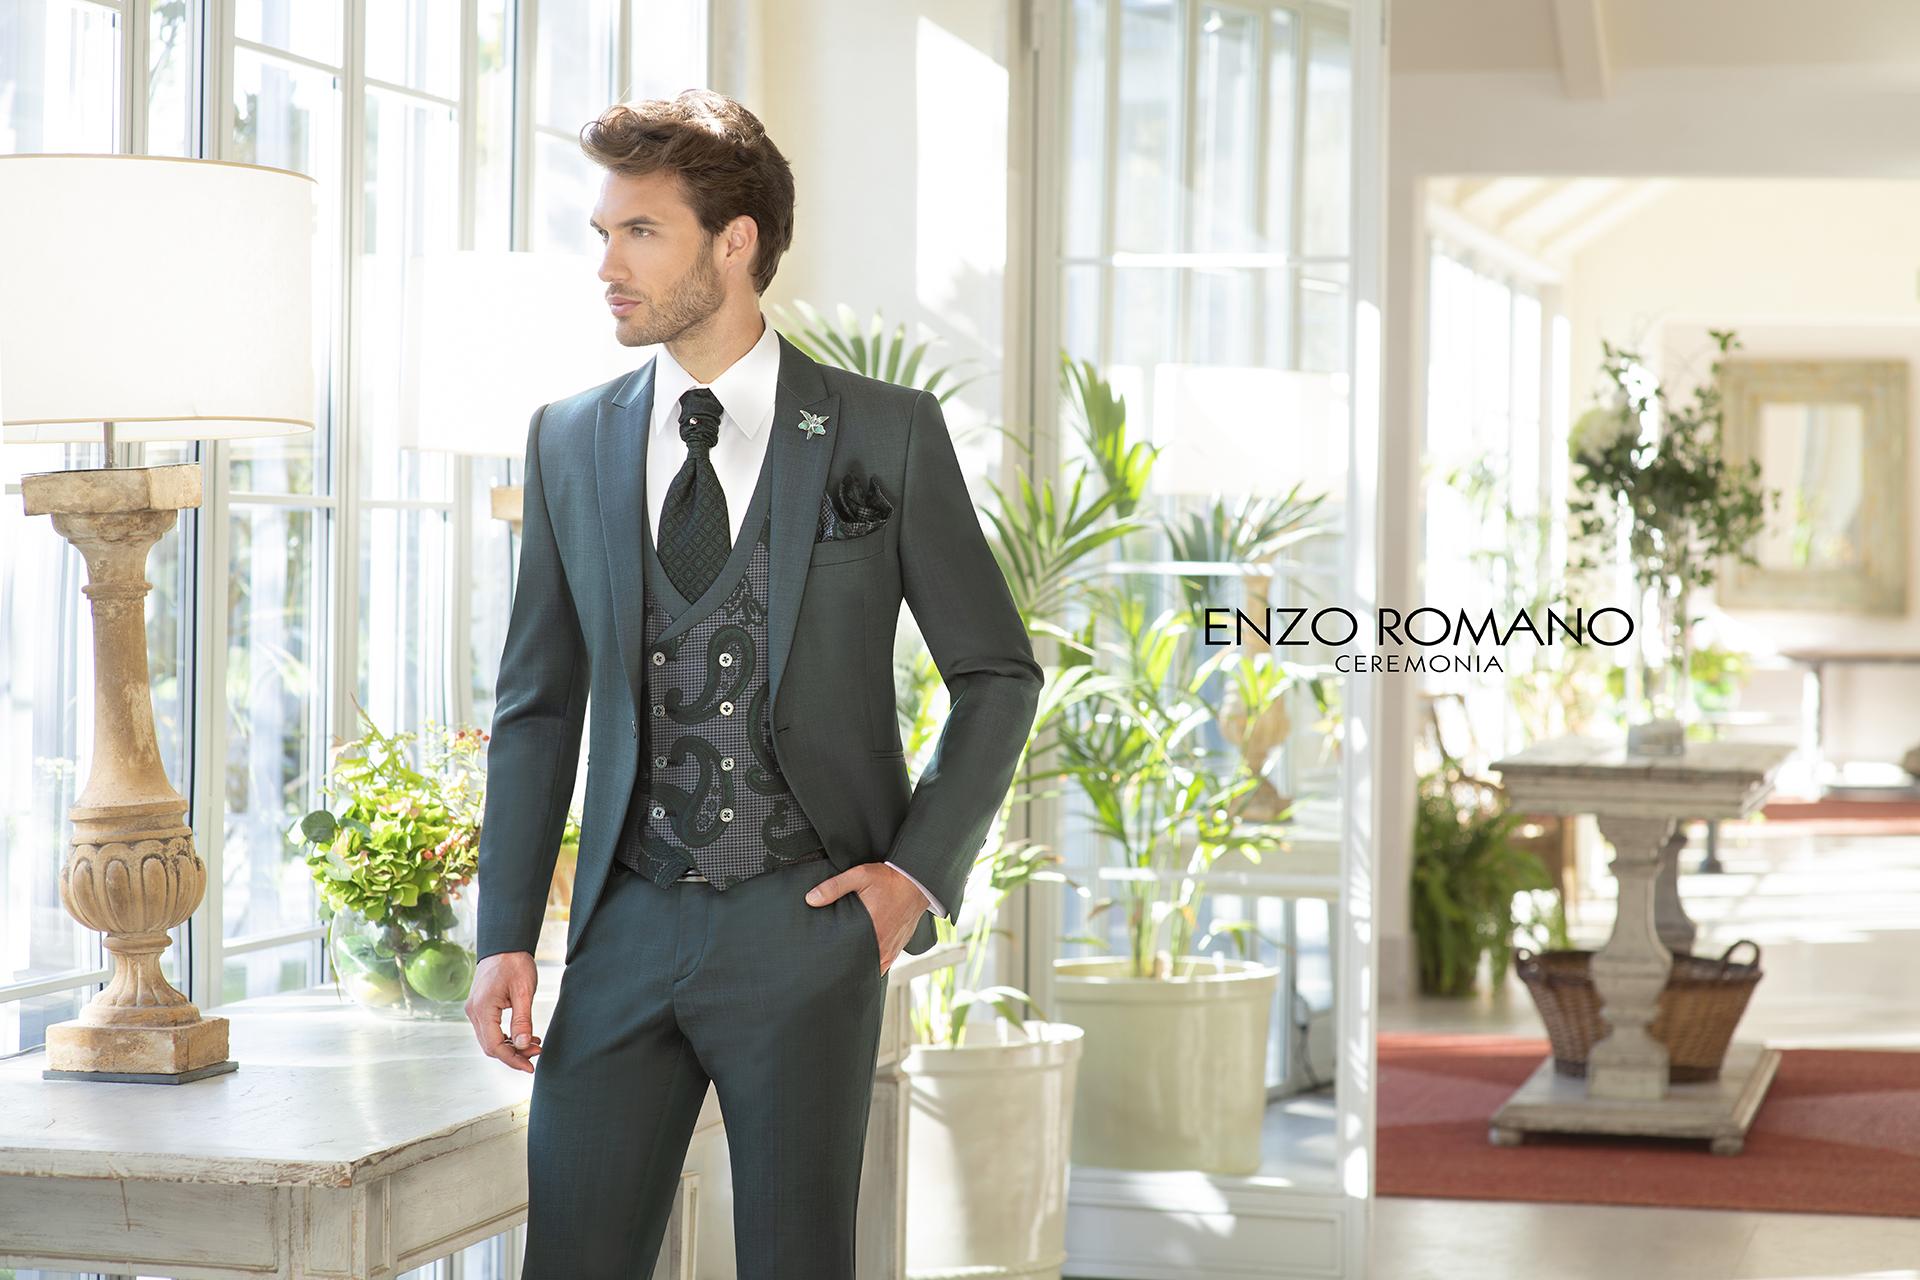 Enzo_romano_13